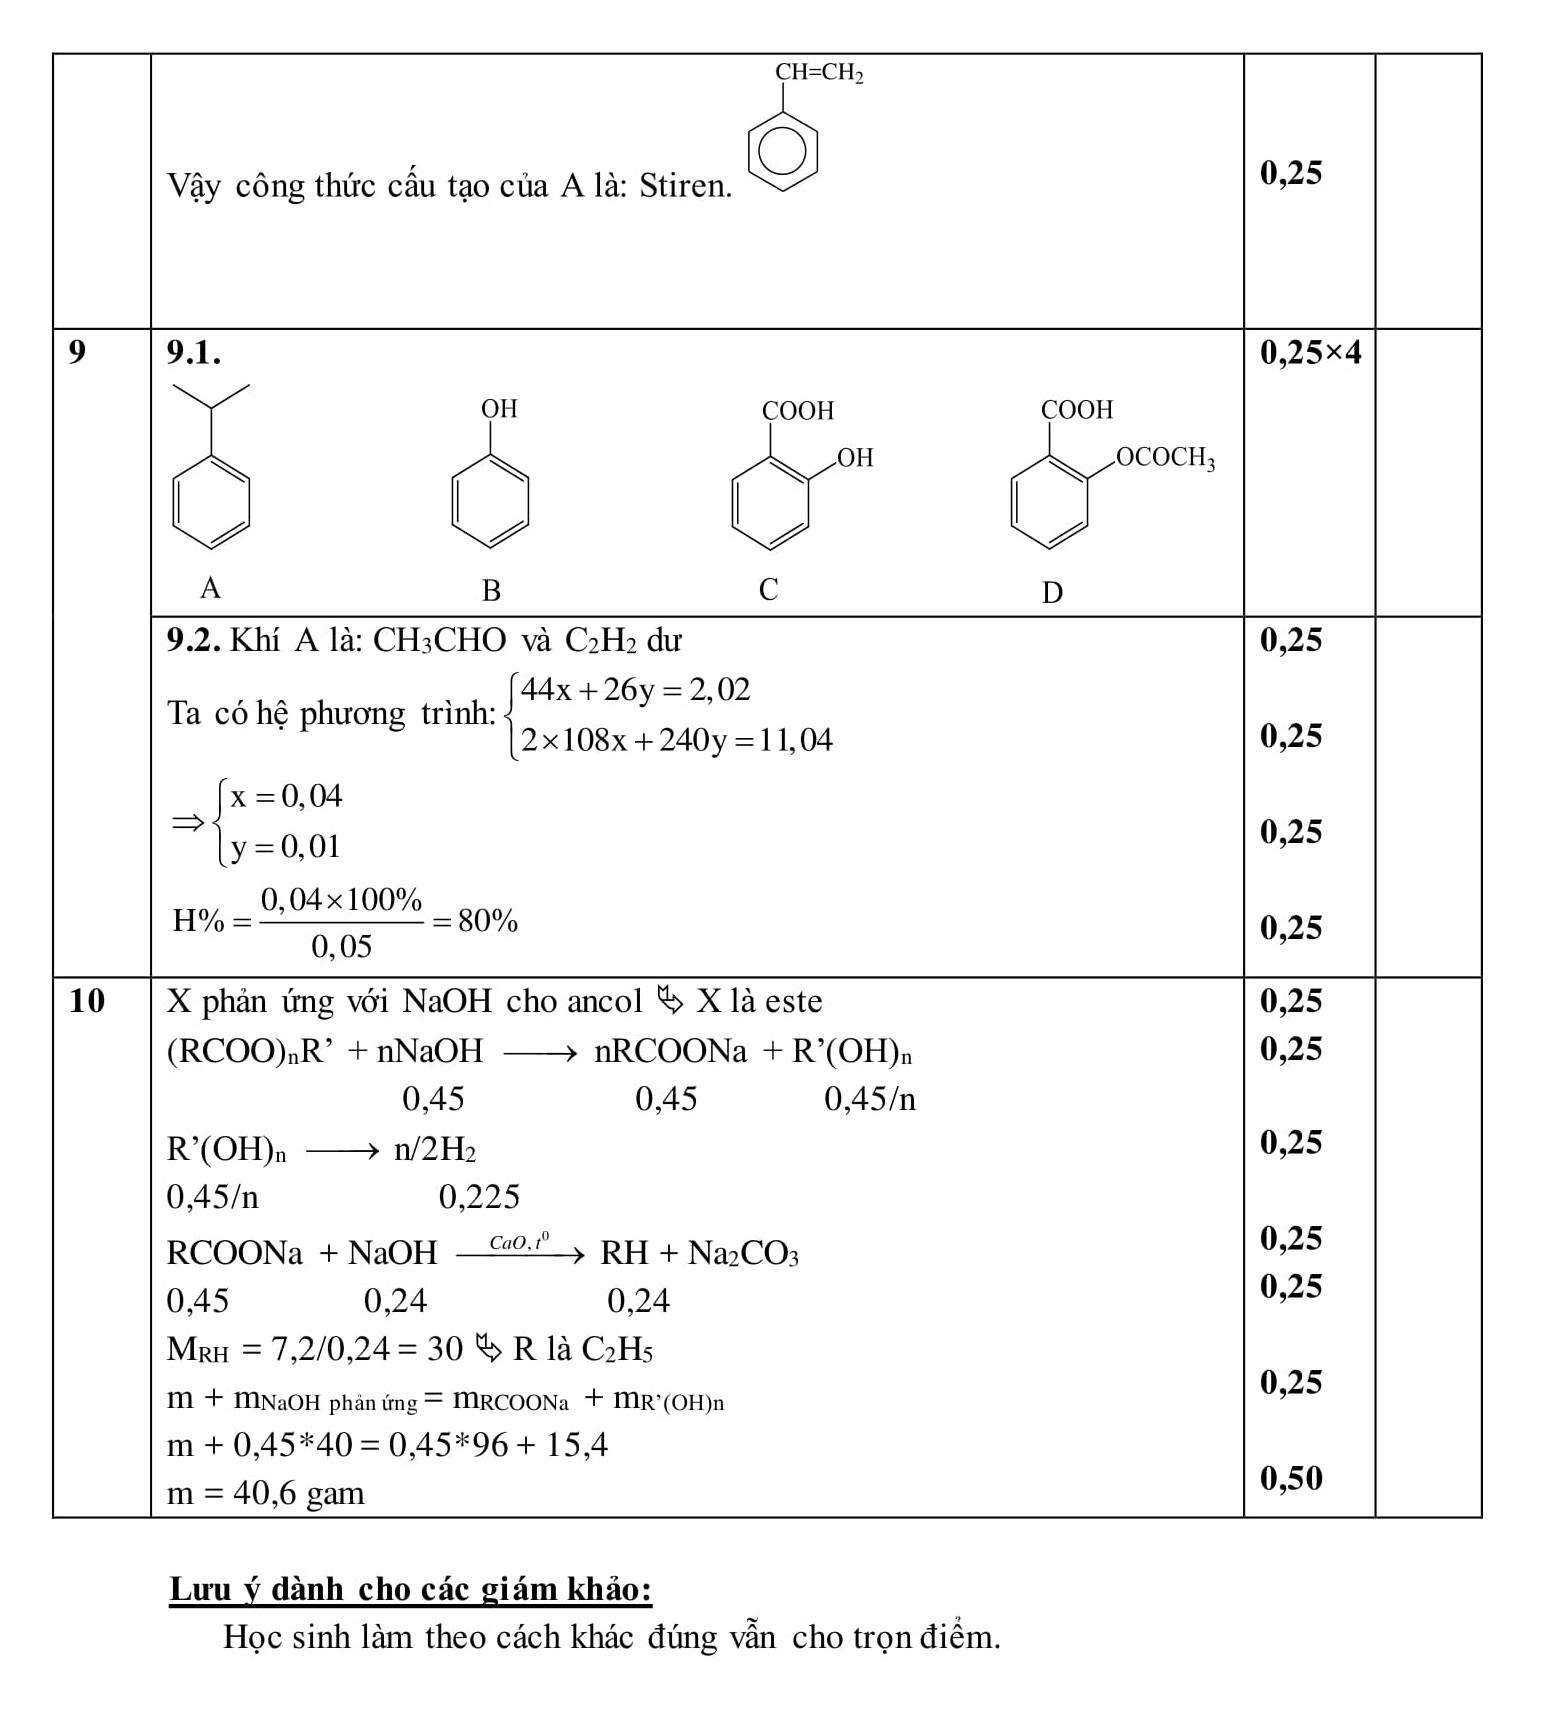 Đápán và đề thi HSG Hóa Học lớp 12 GD&ĐT Long An 2016-2017 bảng A